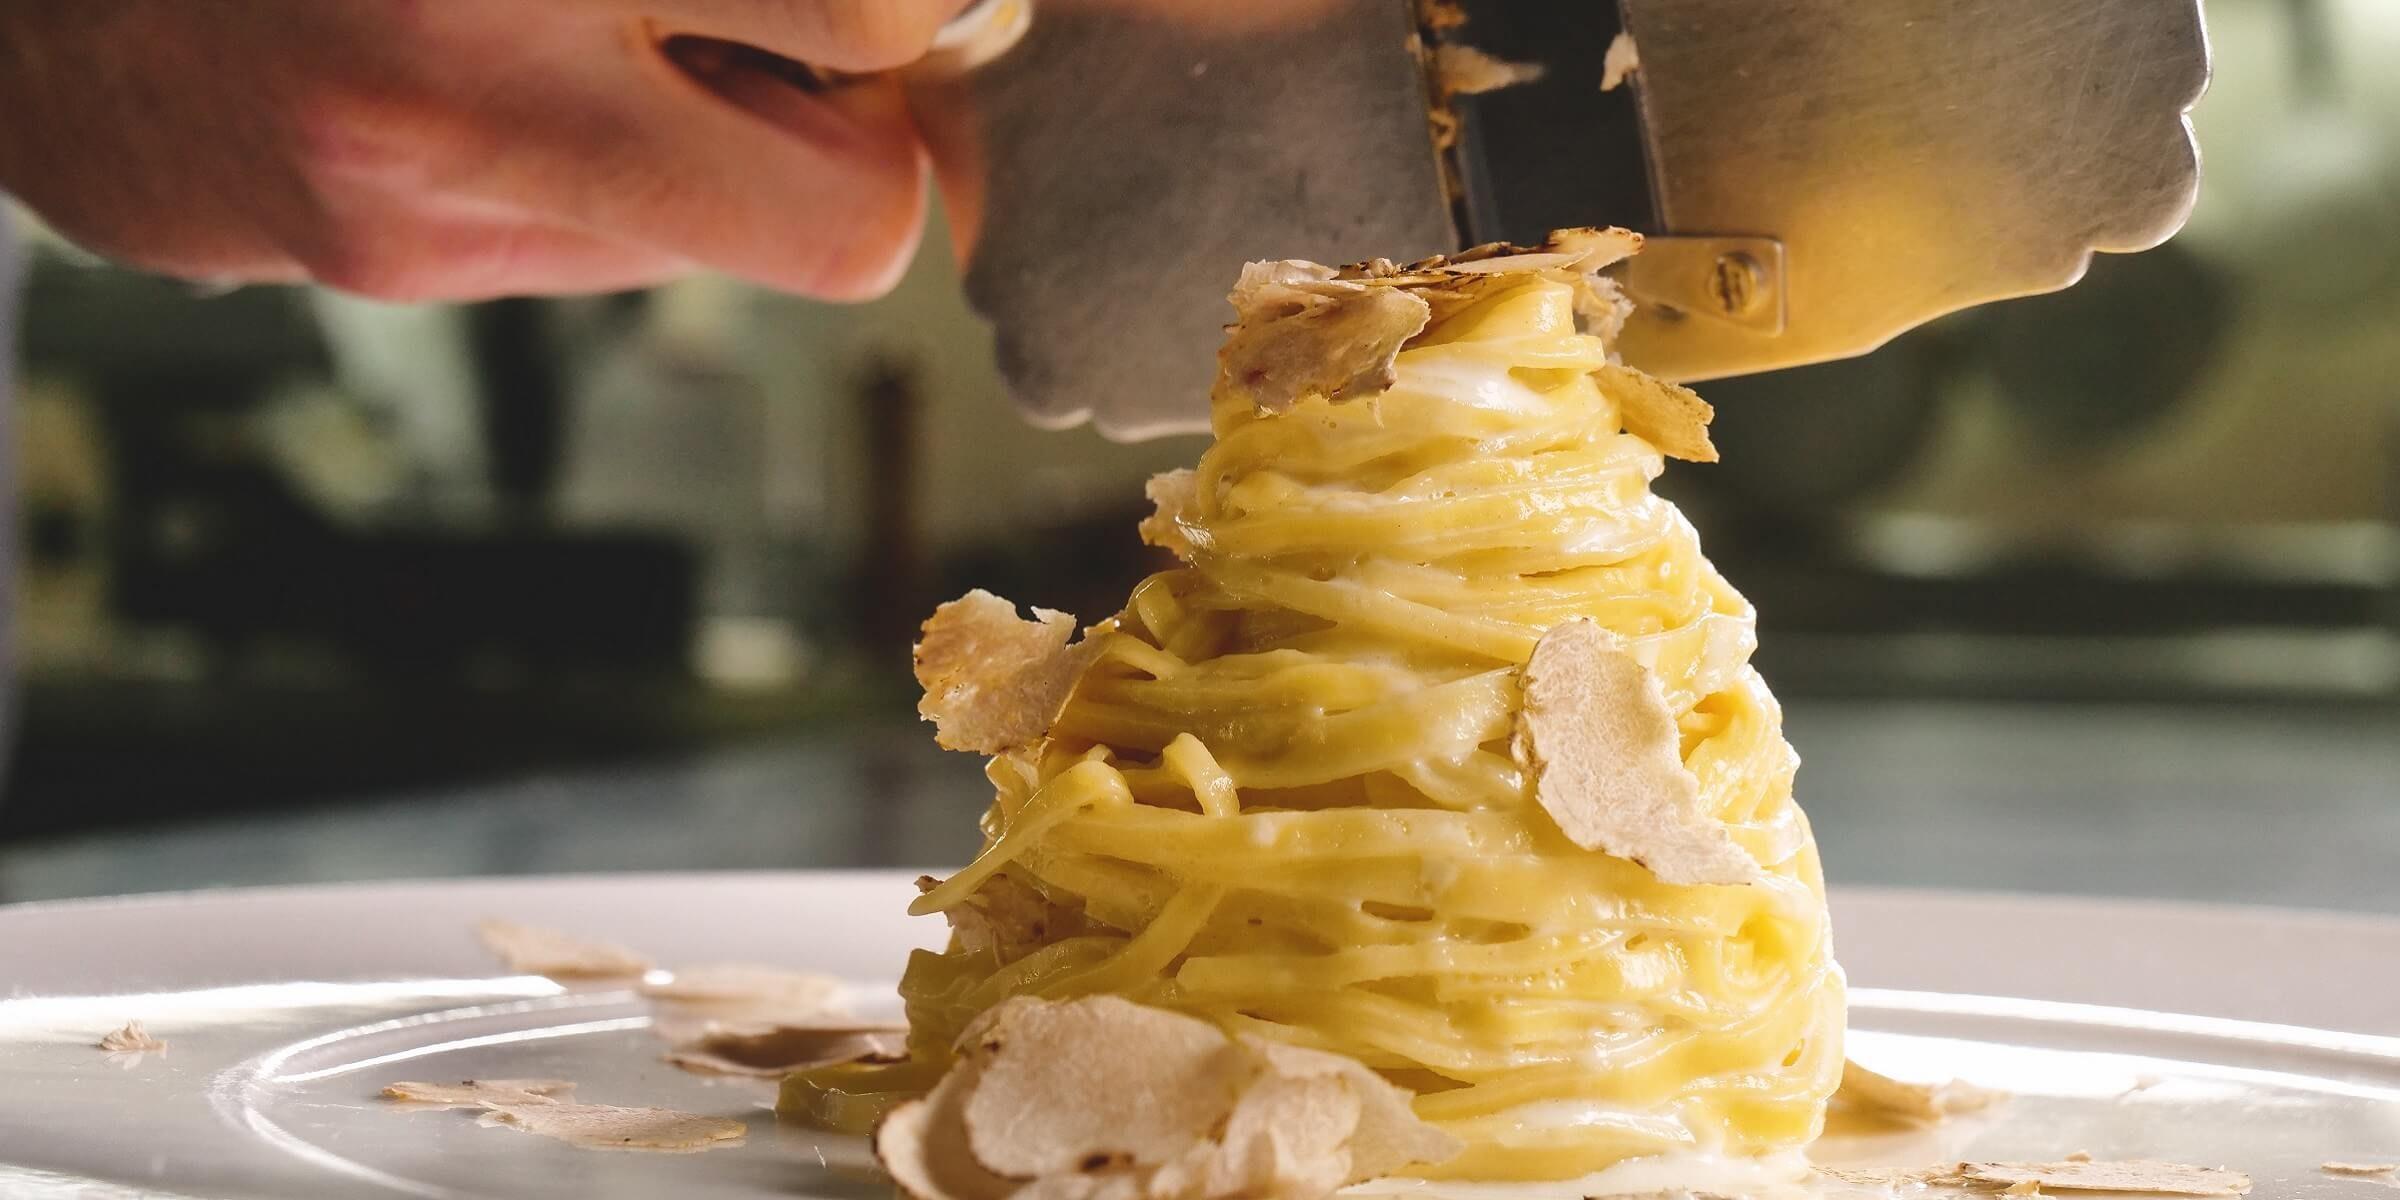 Pasta mit weißem Trüffel in Italien